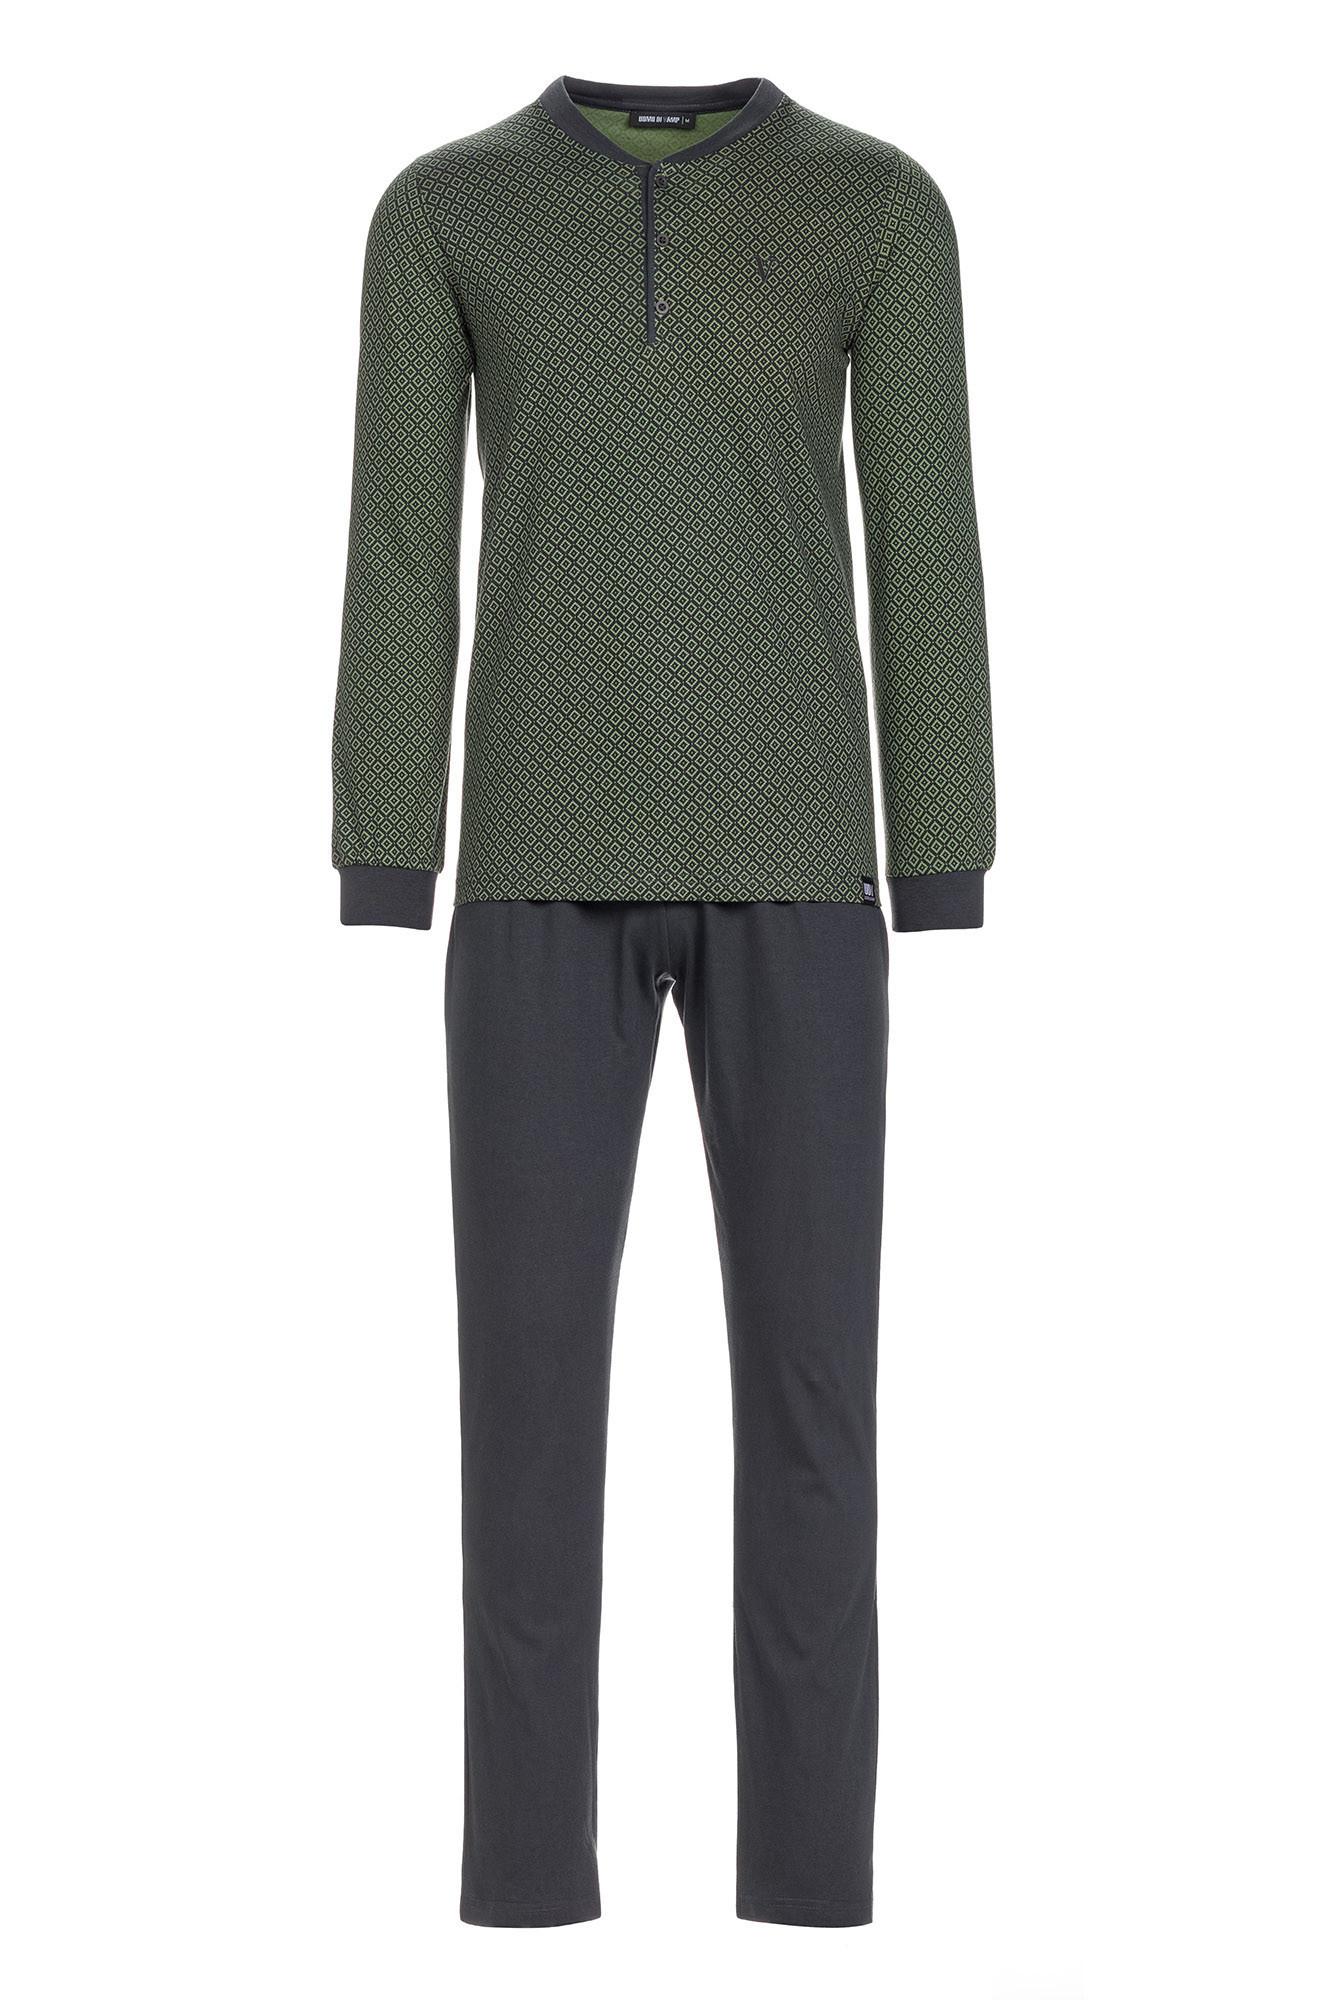 Vamp - Pánske pohodlné pyžamo 13671 - Vamp khaki 4XL